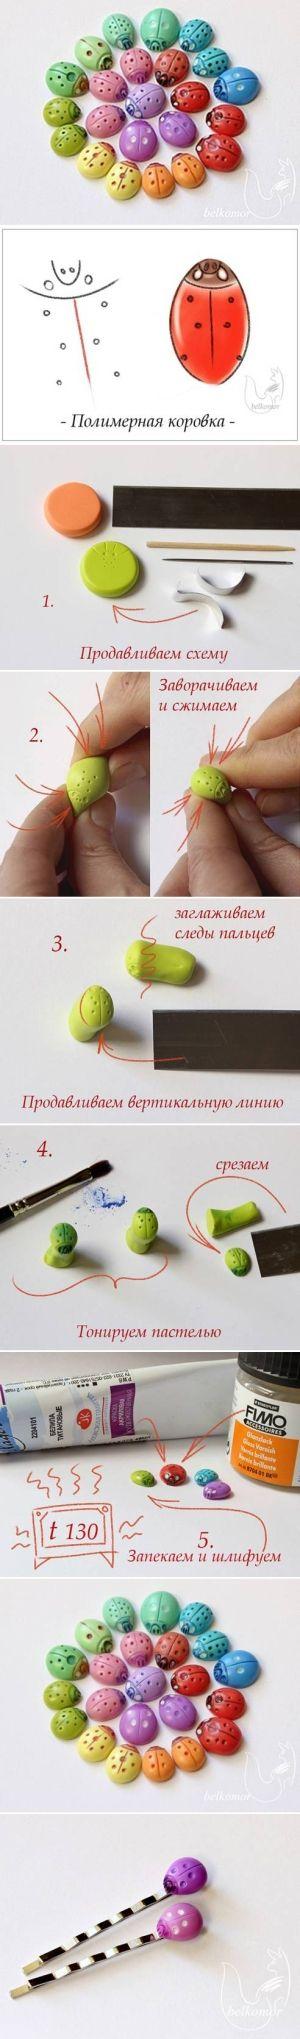 DIY Polymer Clay Ladybug DIY Polymer Clay Ladybug by diyforever